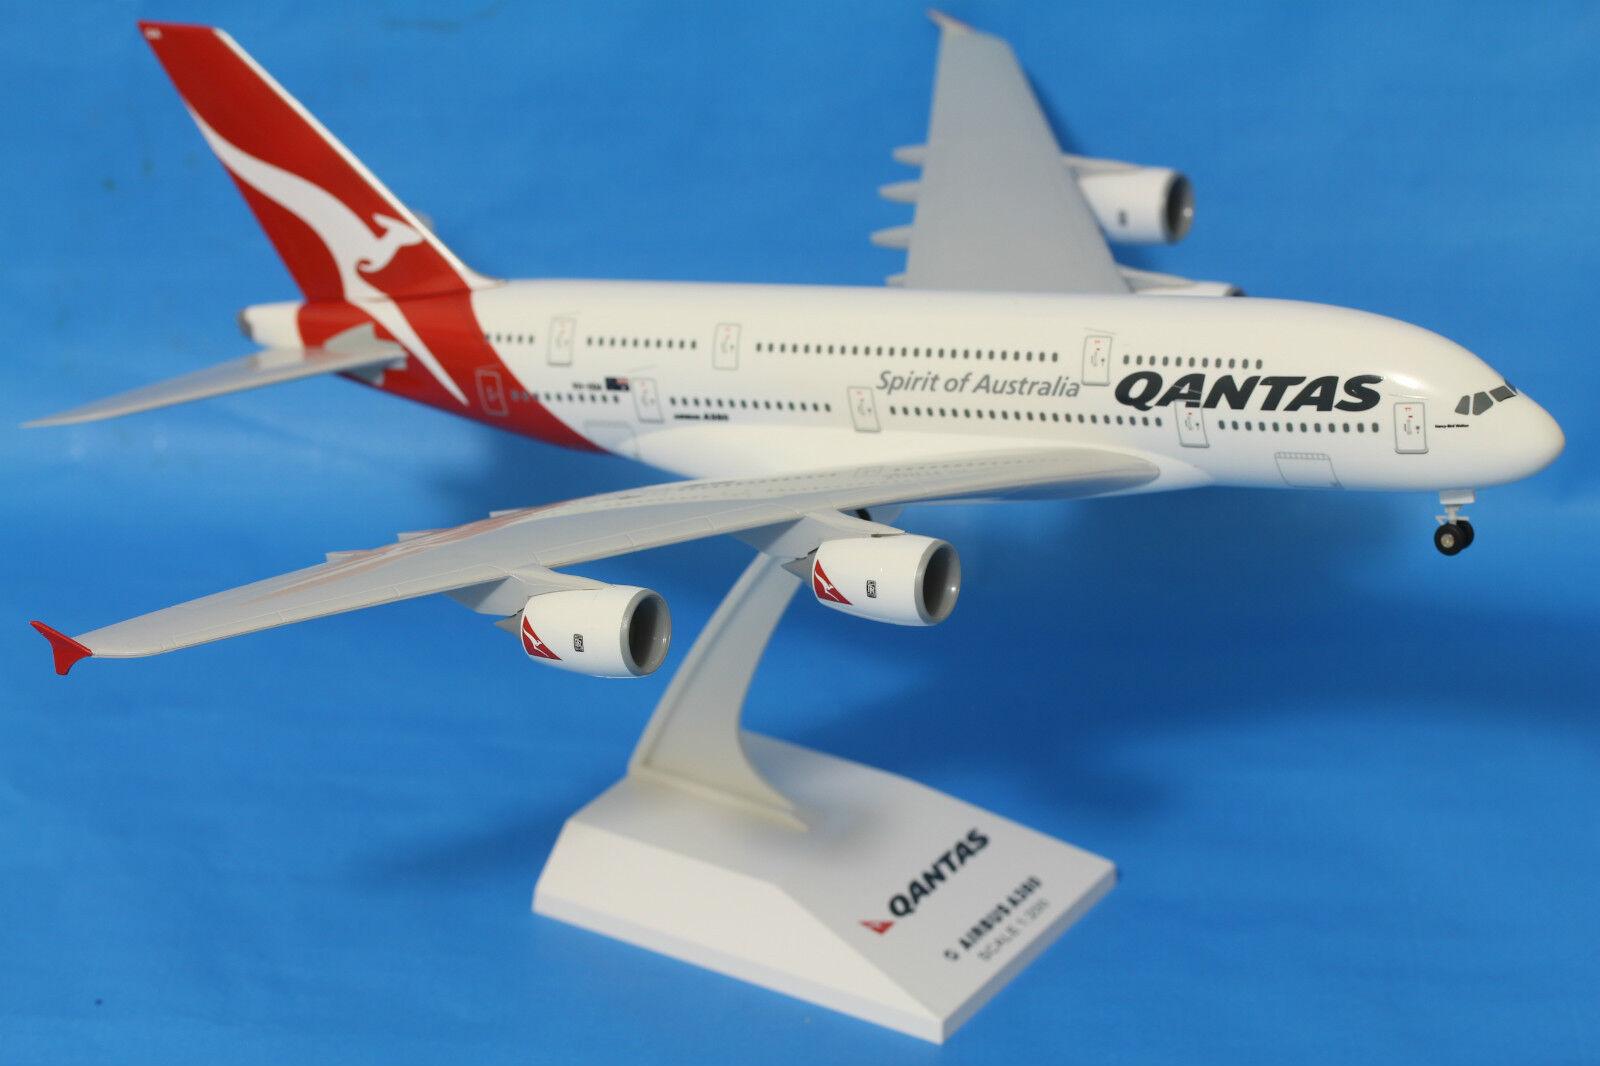 Genuine Qantas Qantas Qantas Airbus A380 Plane Solid Resin  1:200 SkyMarks 34cm Long VH-OQA 2c870e